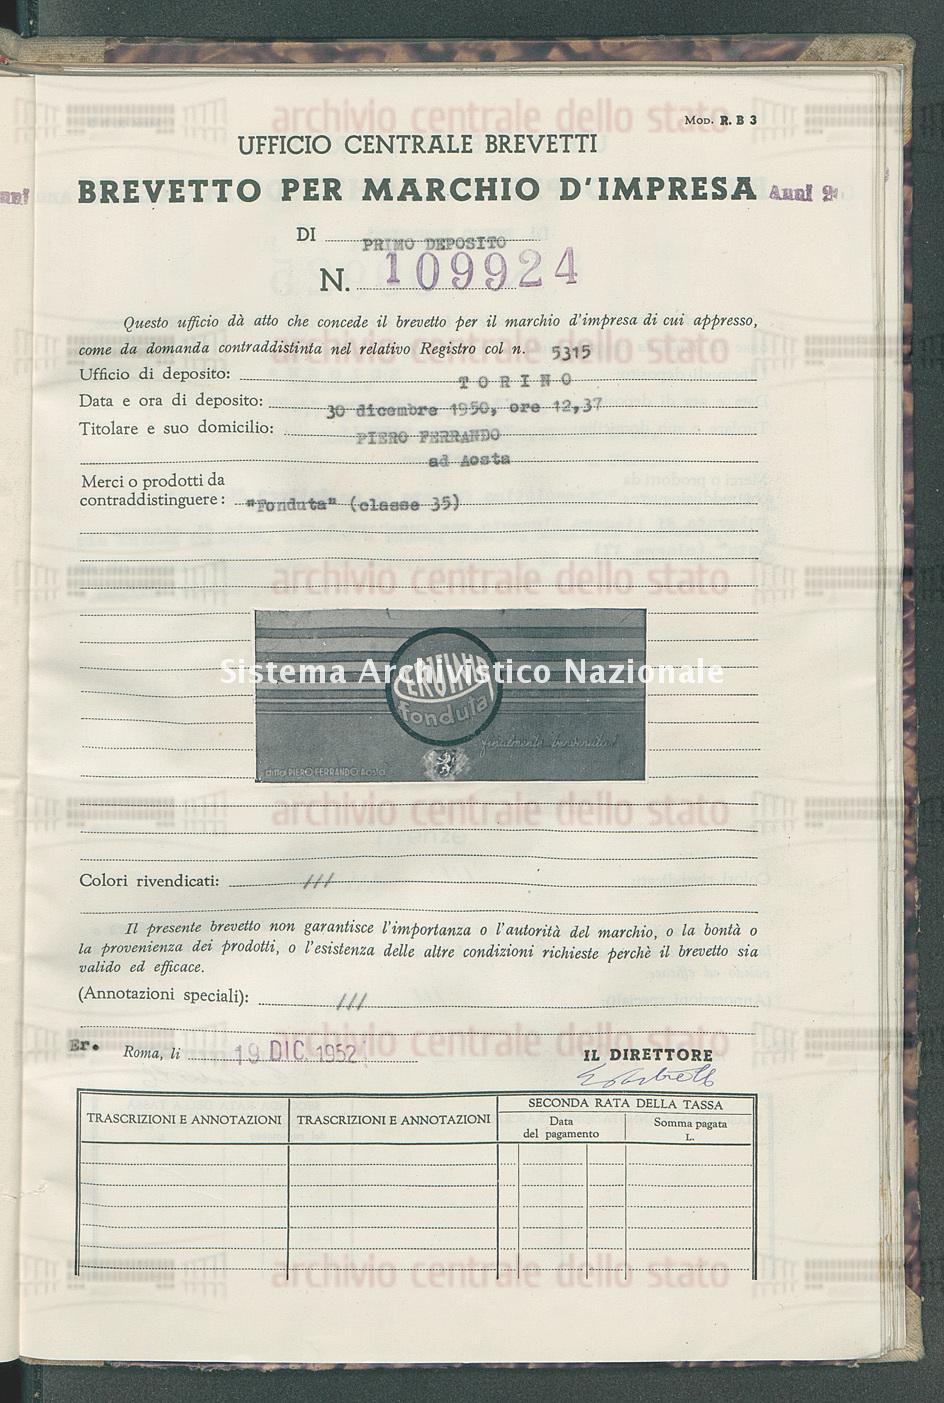 'Fonduta' Piero Ferrando (19/12/1952)